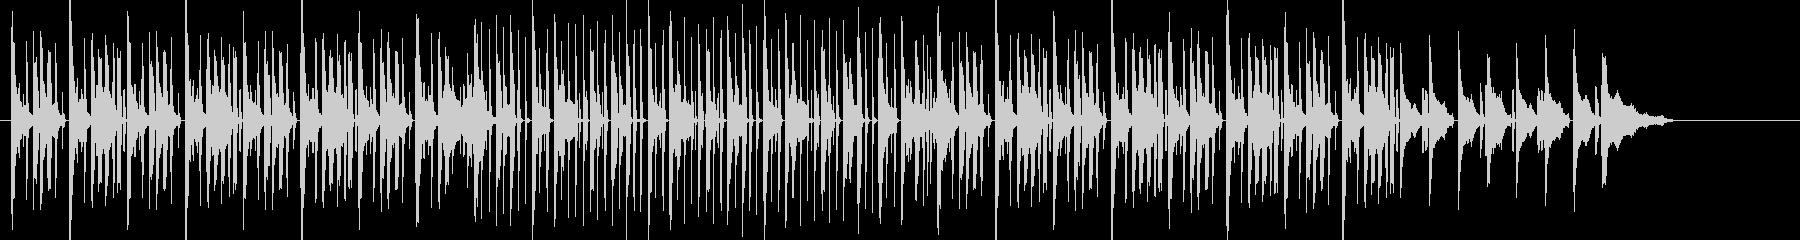 ラップが似合いそうななヒップホップ曲の未再生の波形